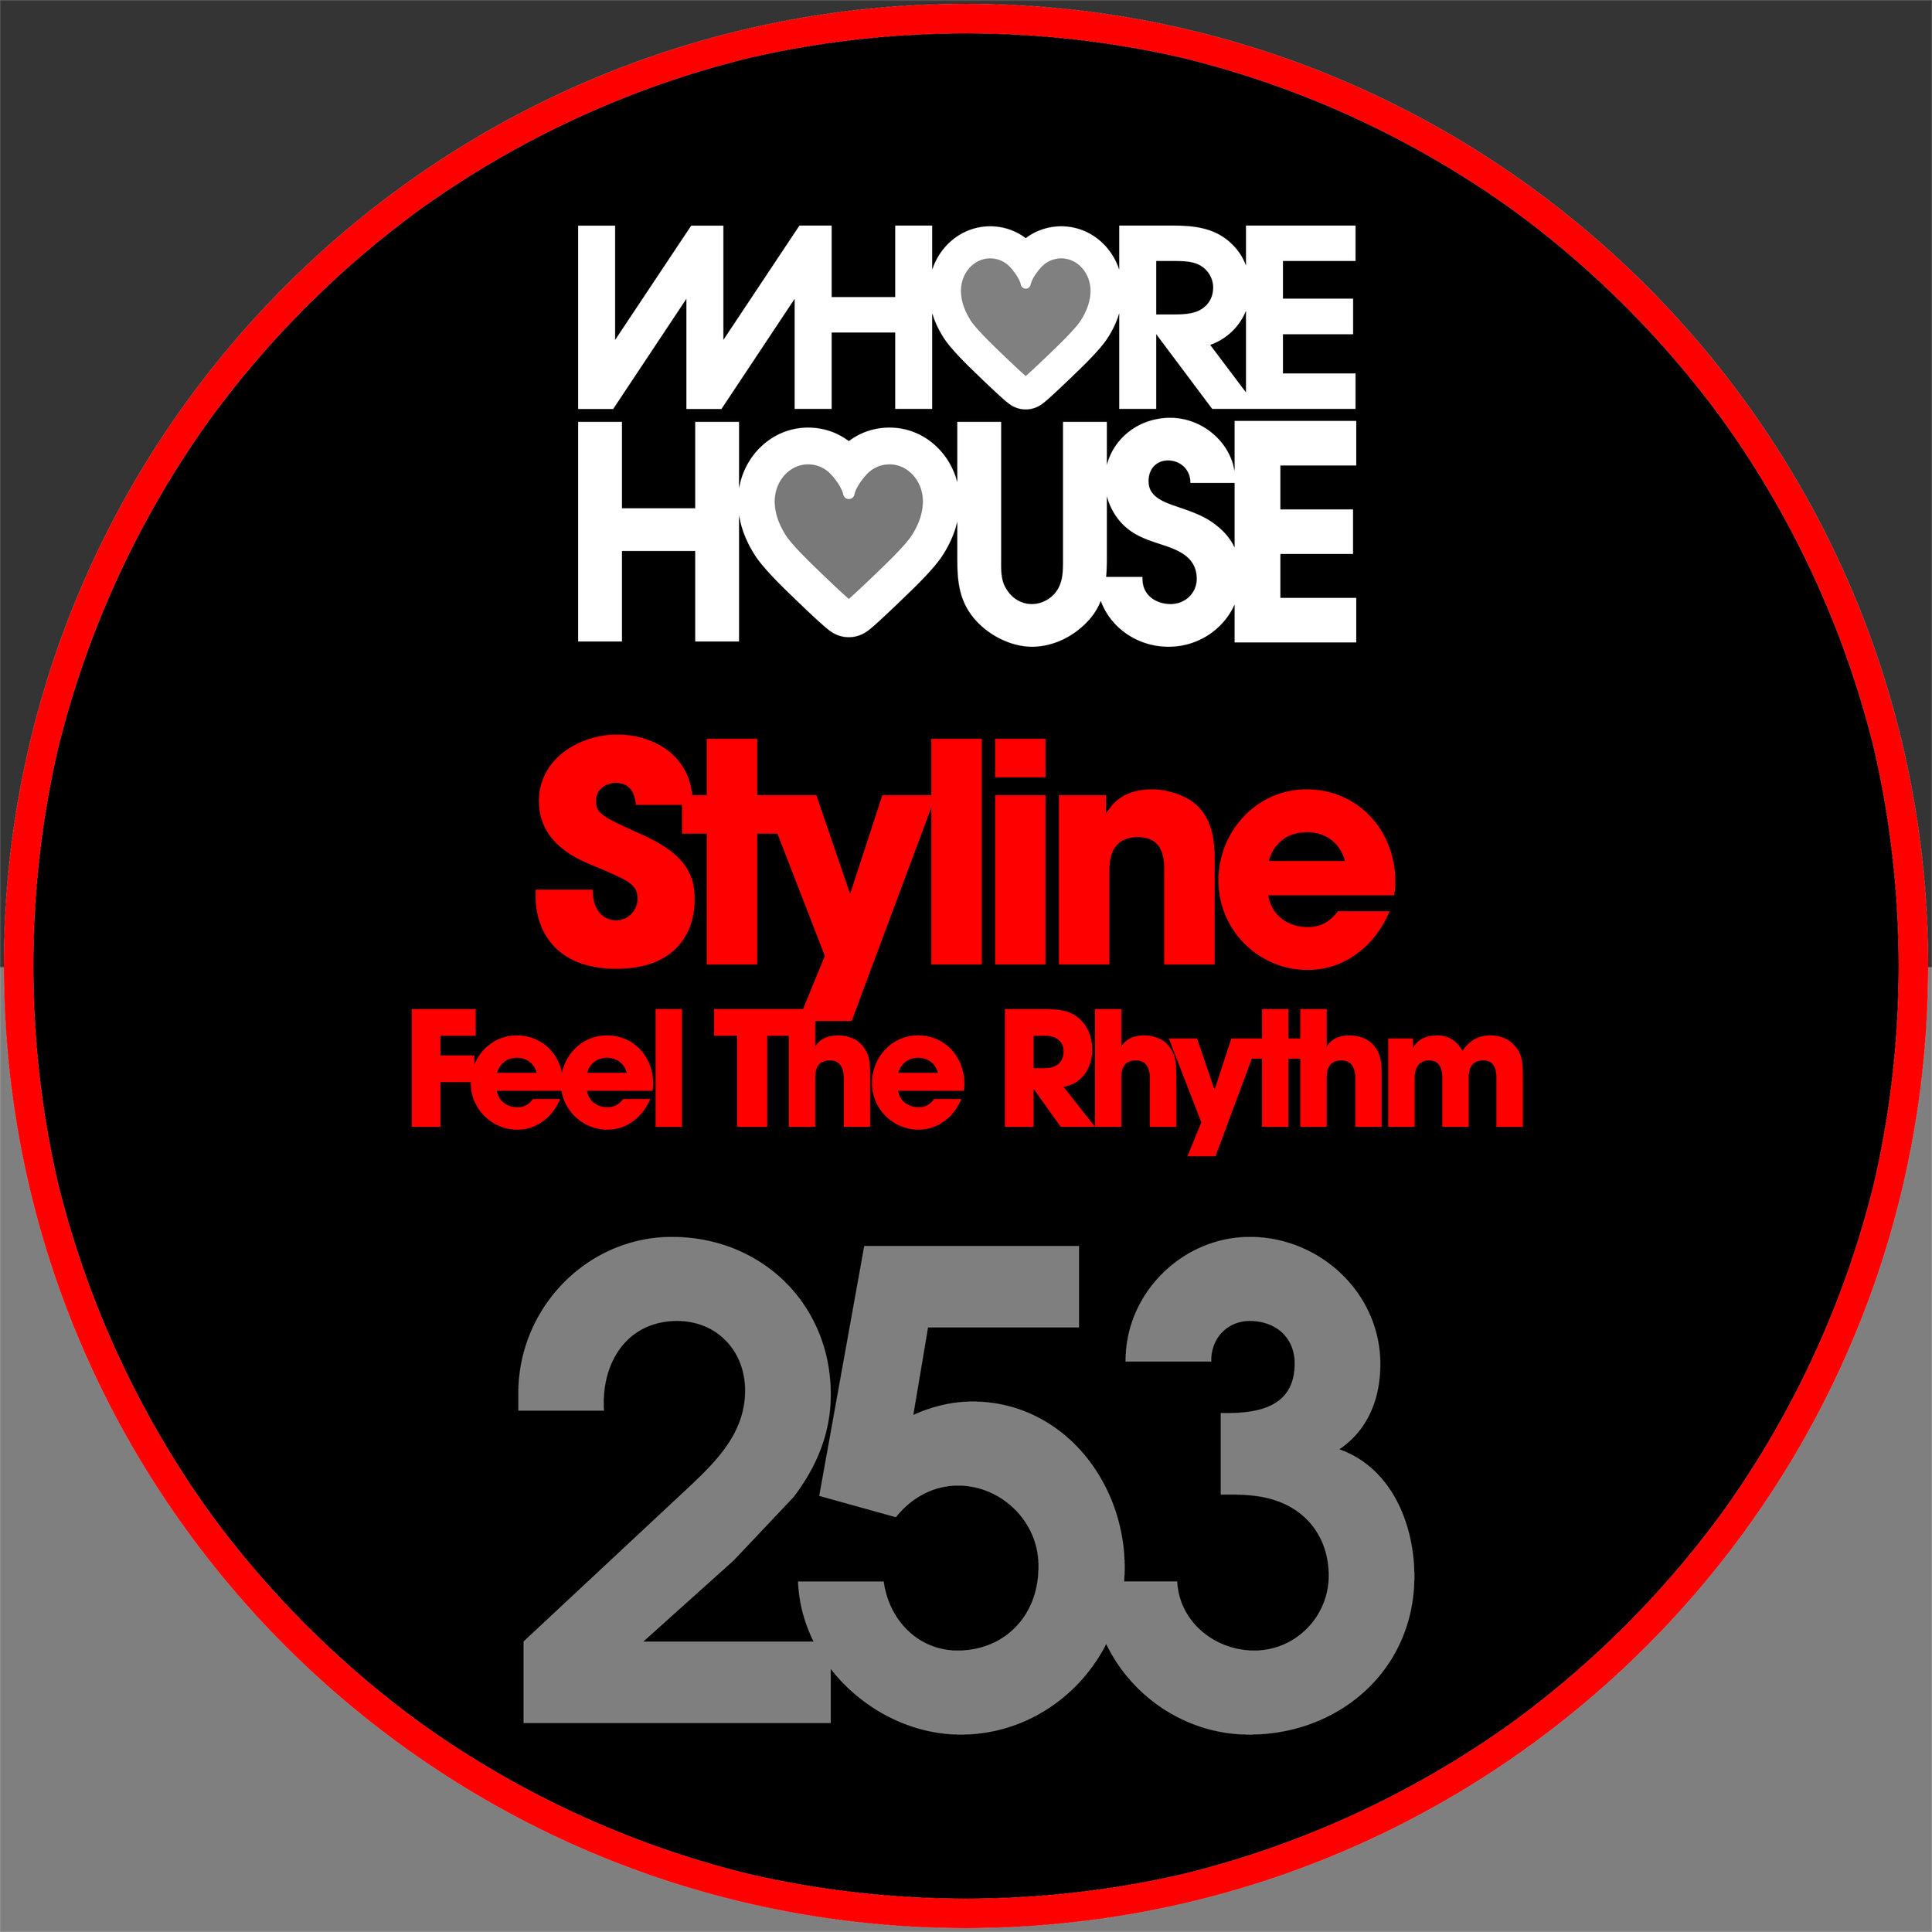 Styline - Feel The Rhythm